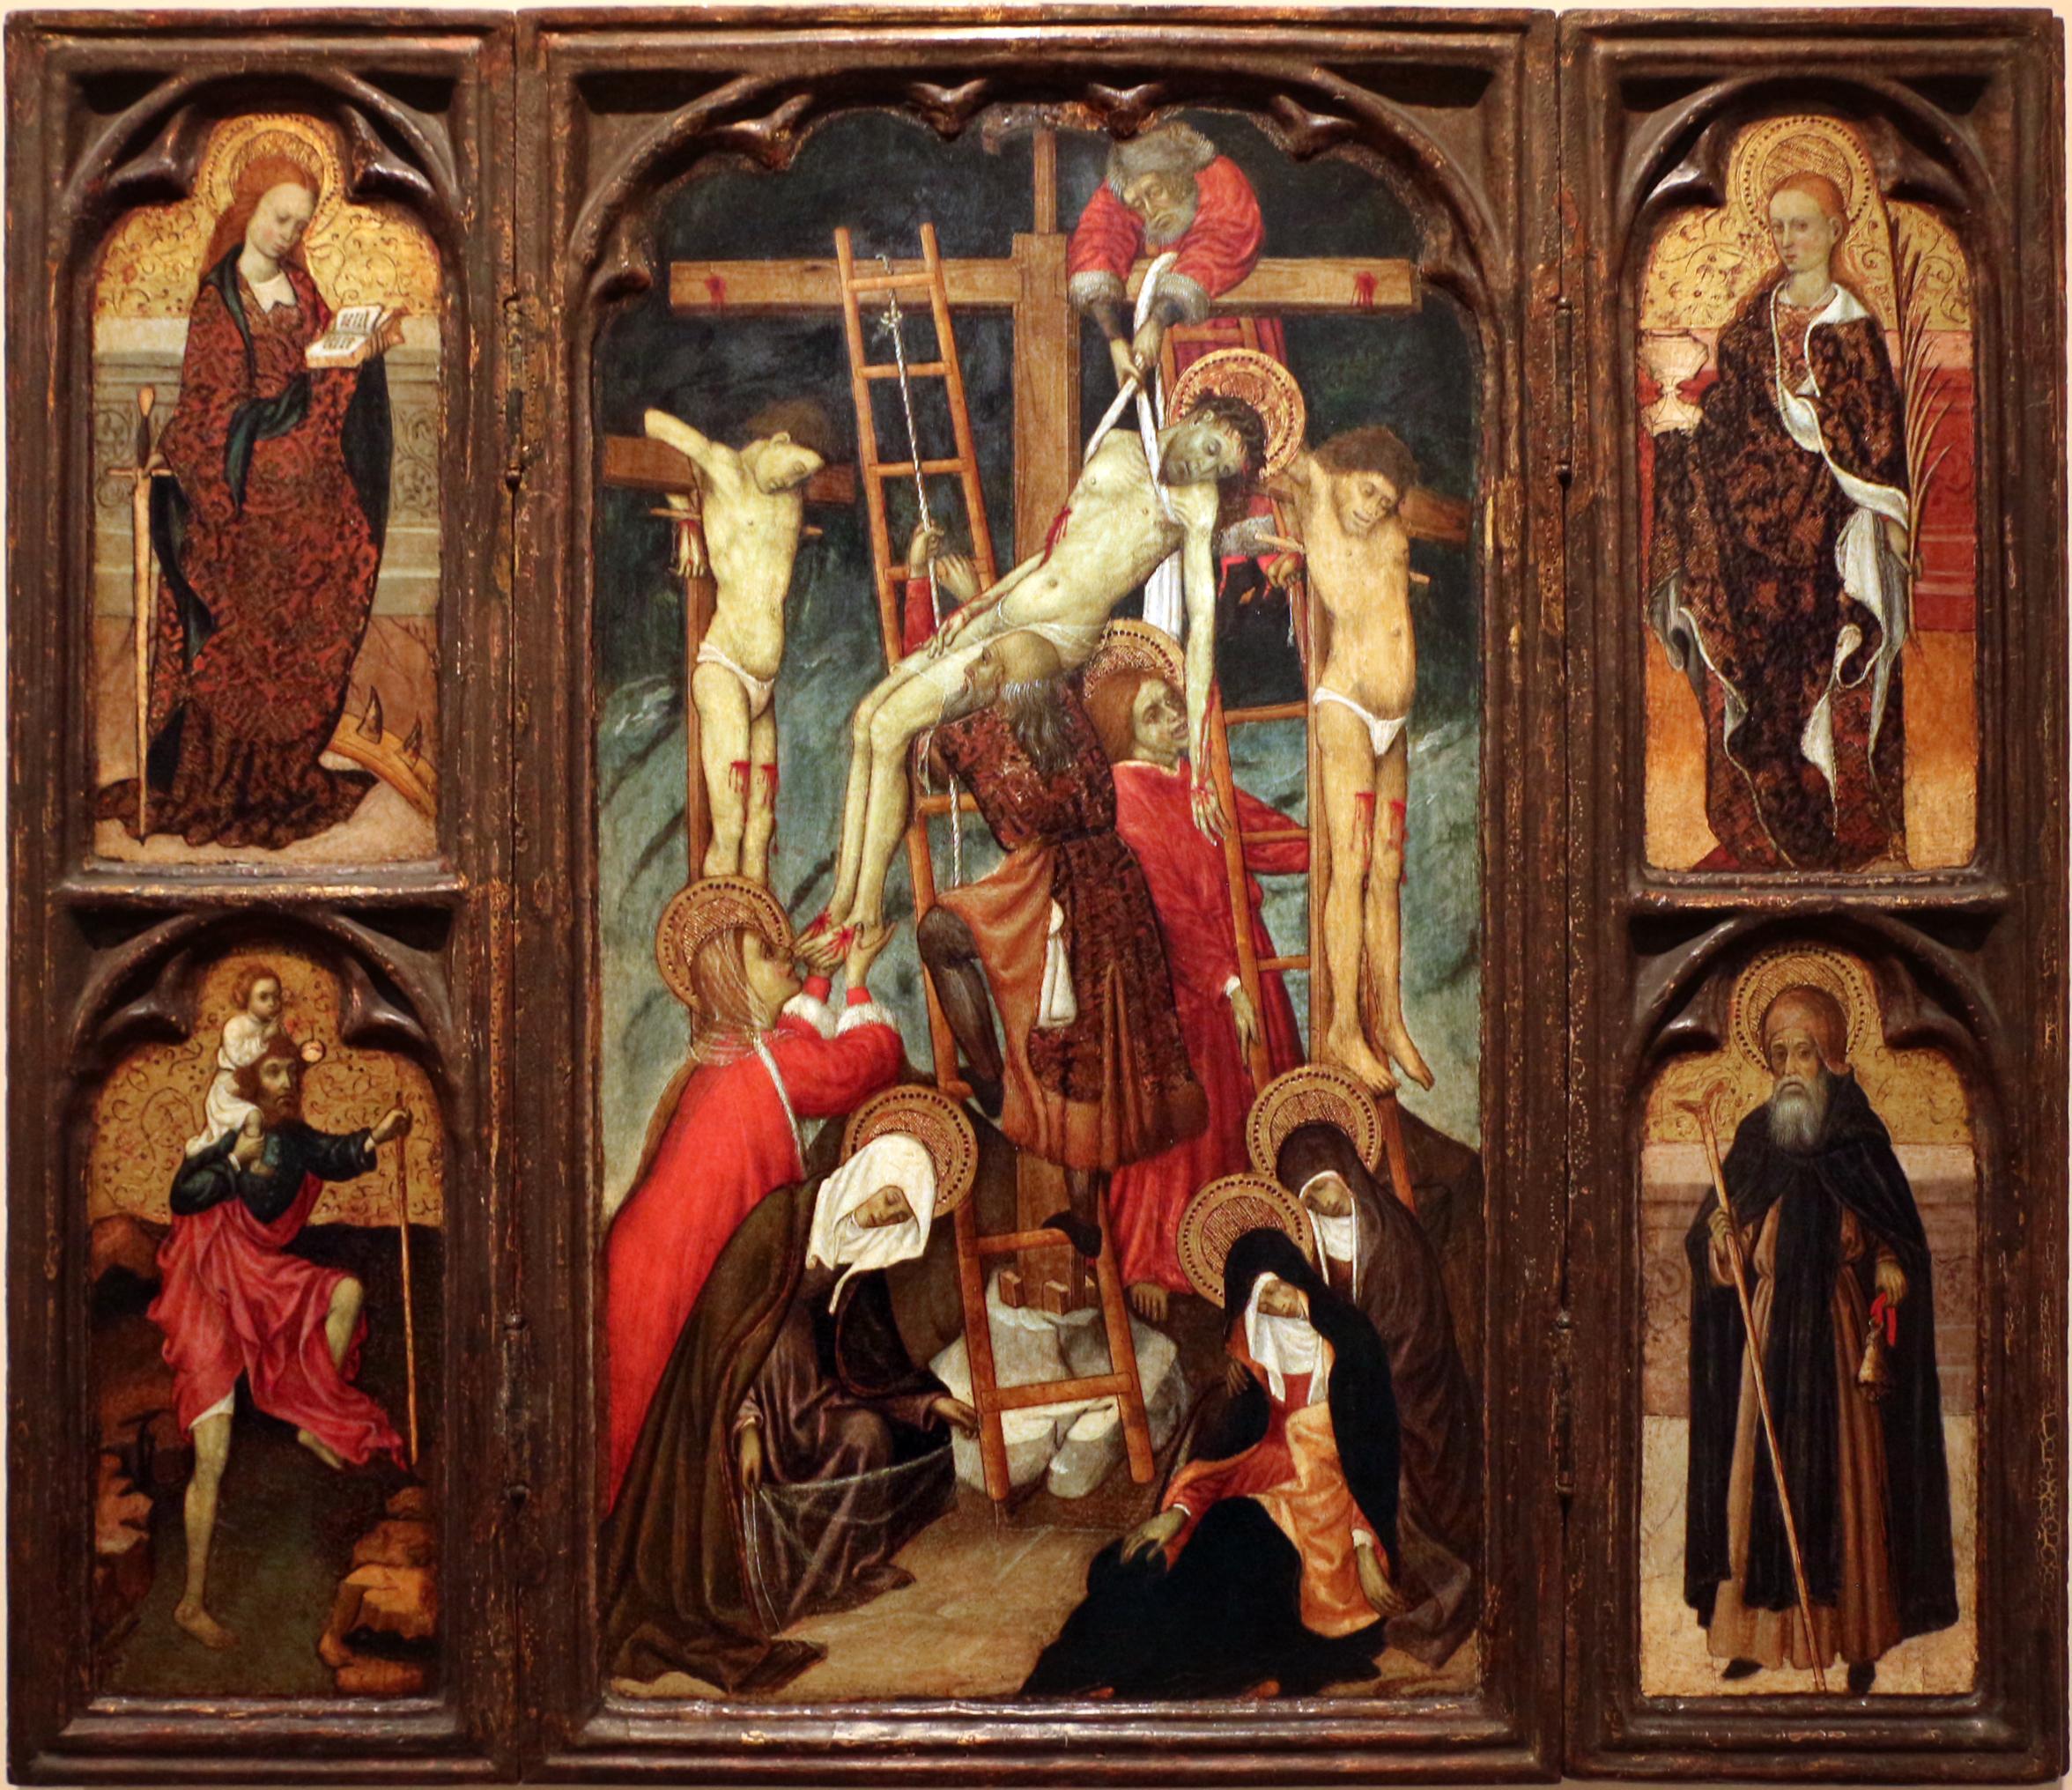 File:Bernardo martorell, trittico della discesa dalla croce, 1400-1445 ca,